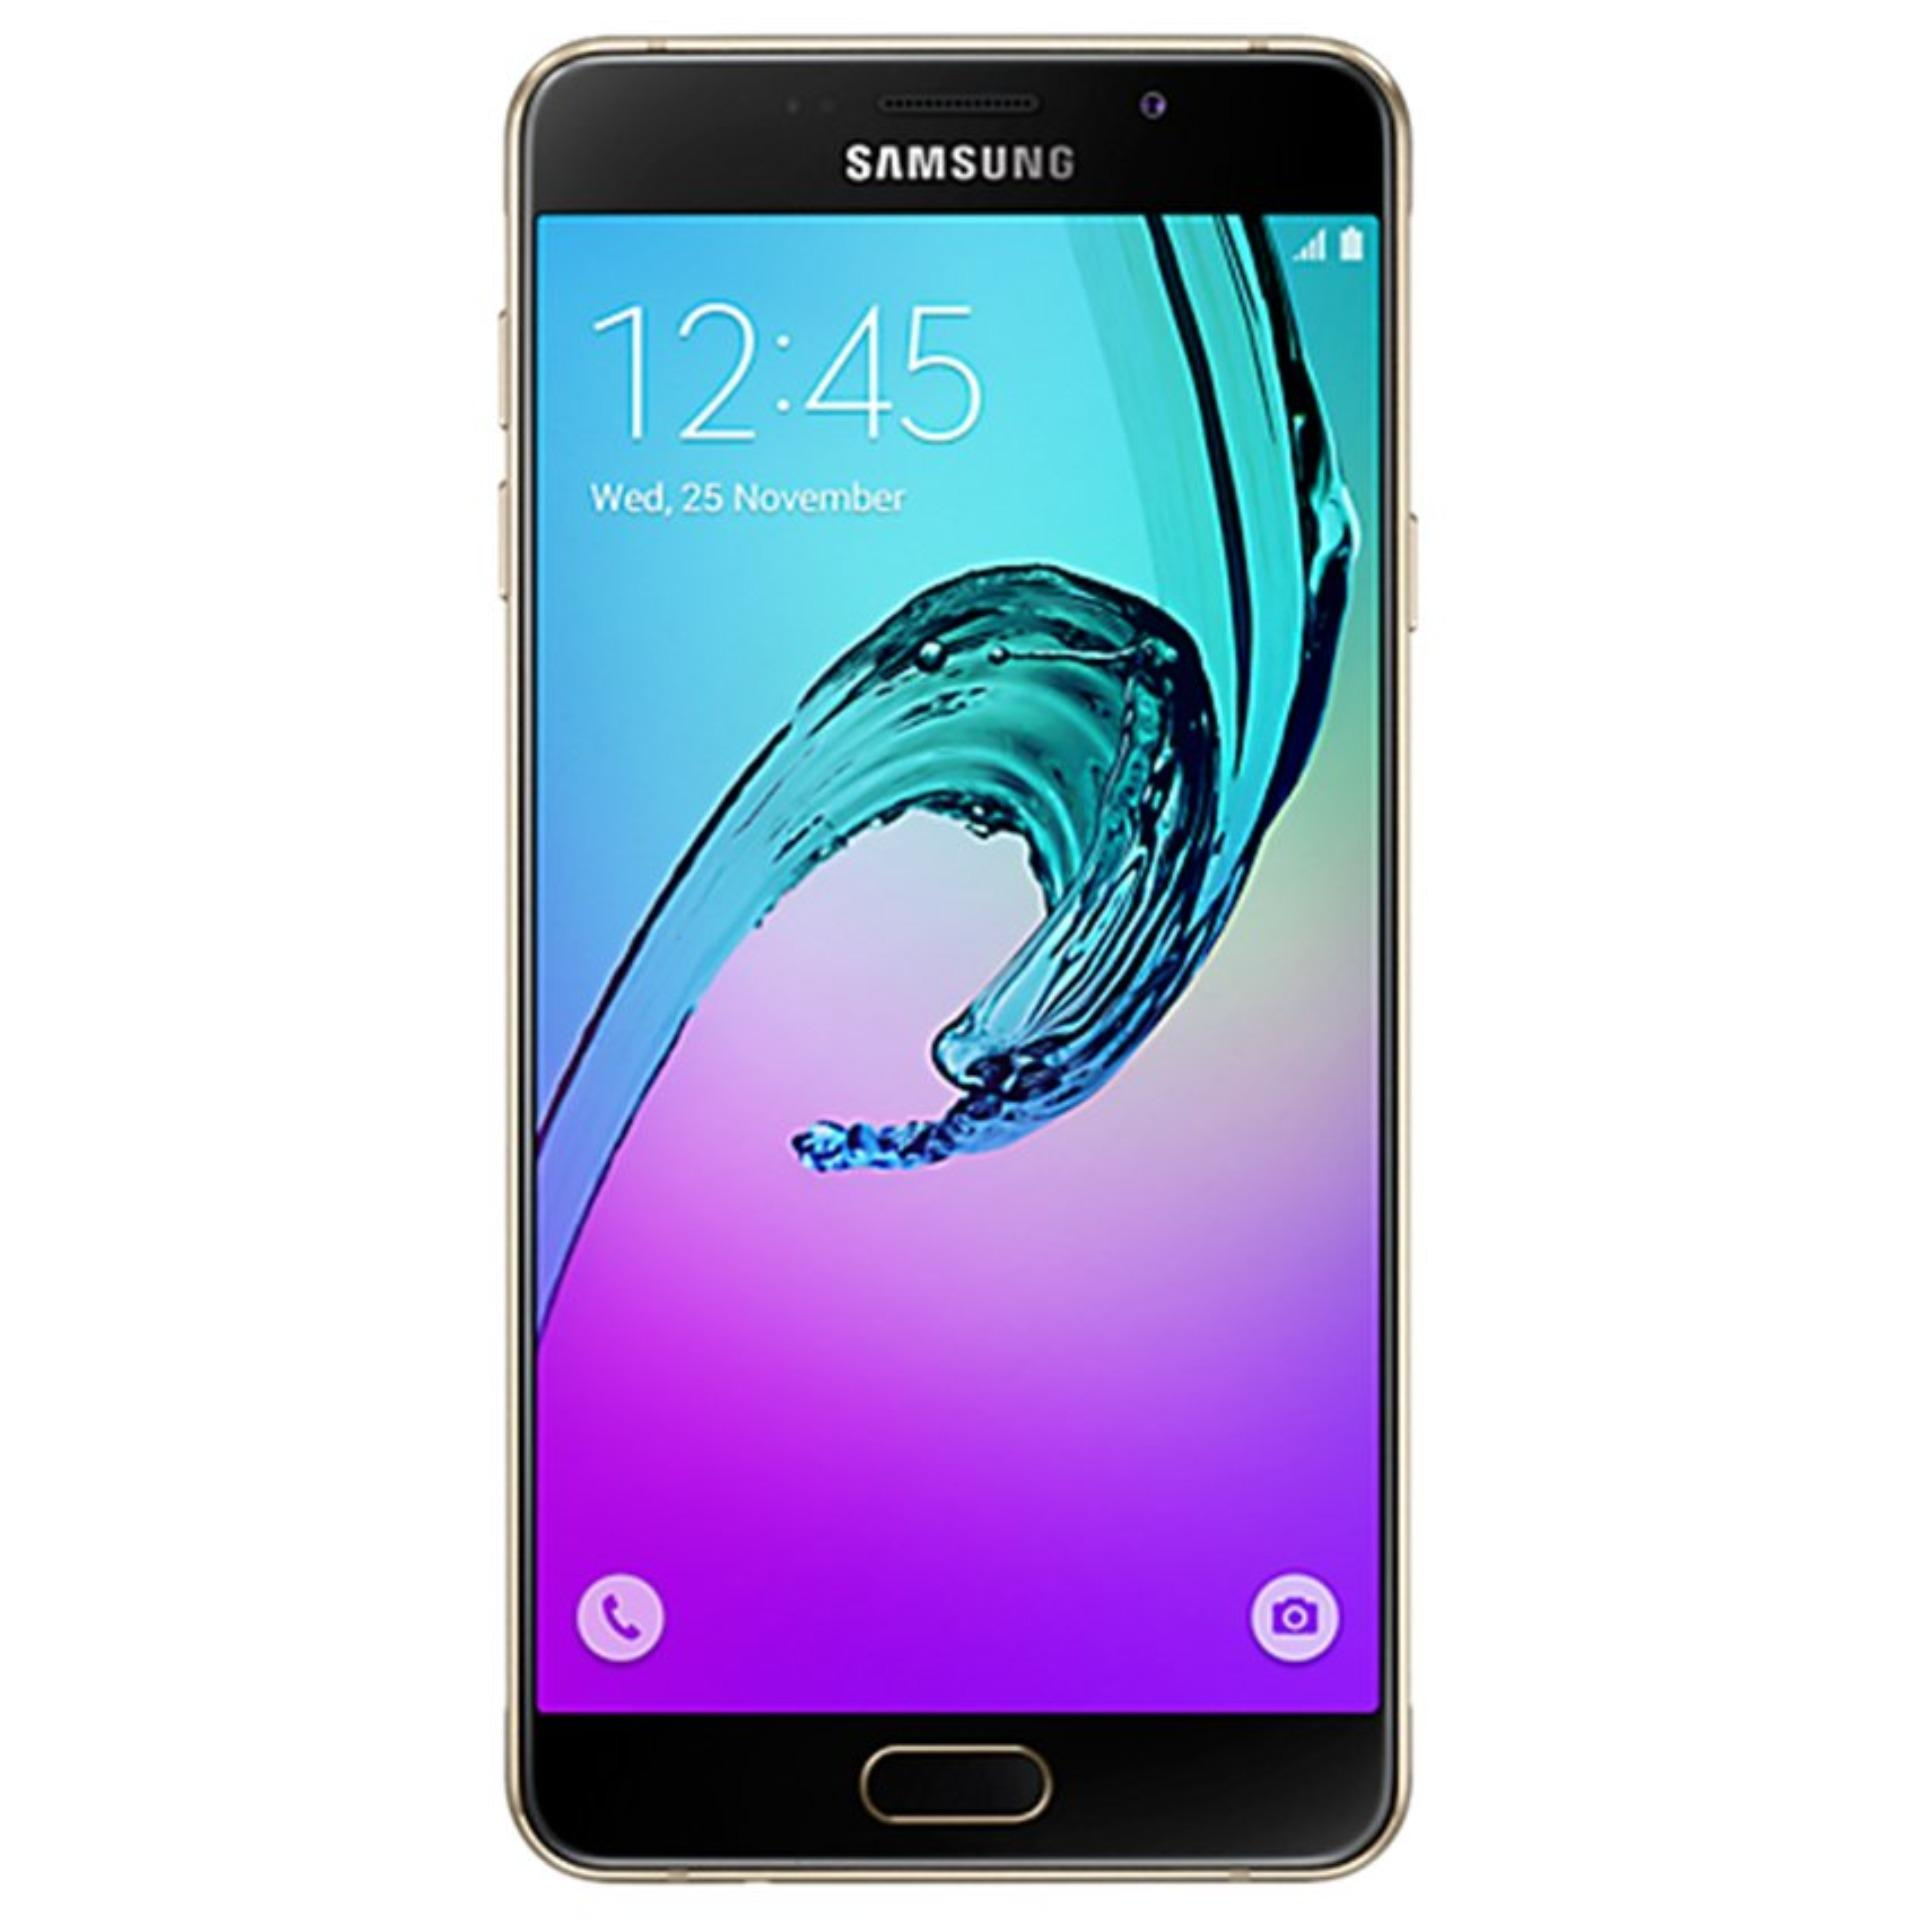 Mua Samsung Galaxy A7 2016 16Gb Vang Hang Phan Phối Chinh Thức Samsung Nguyên